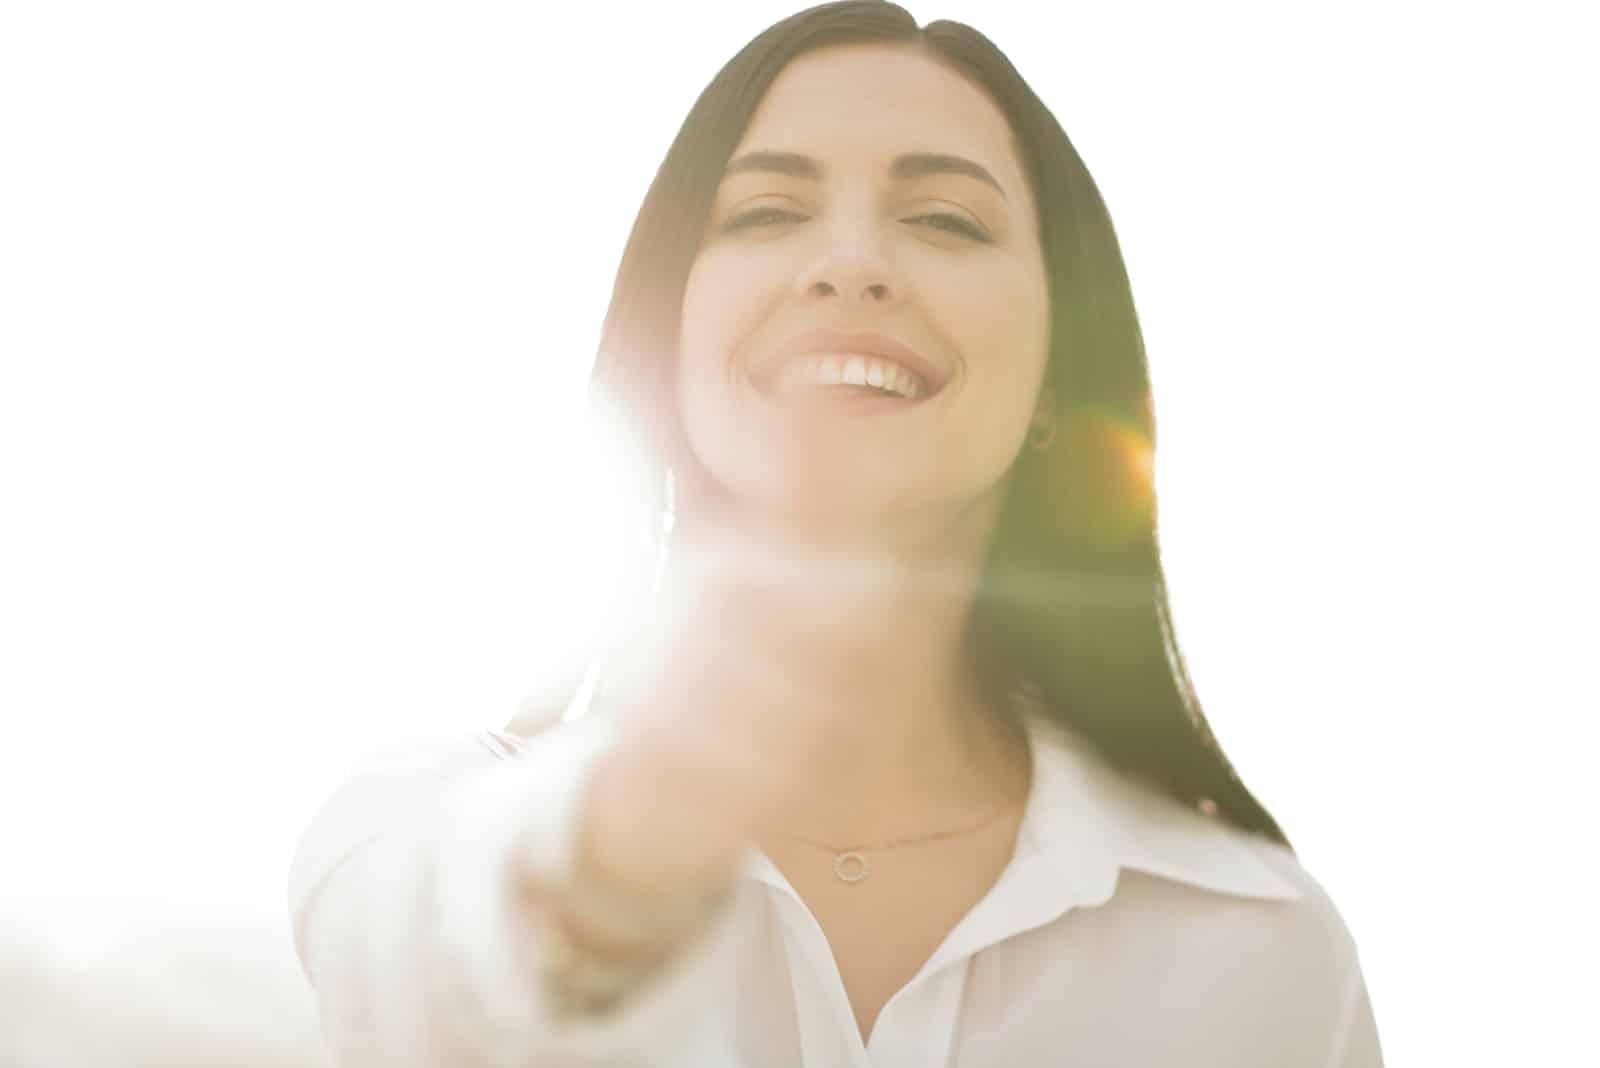 ein Porträt einer erfolgreichen selbstbewussten Frau